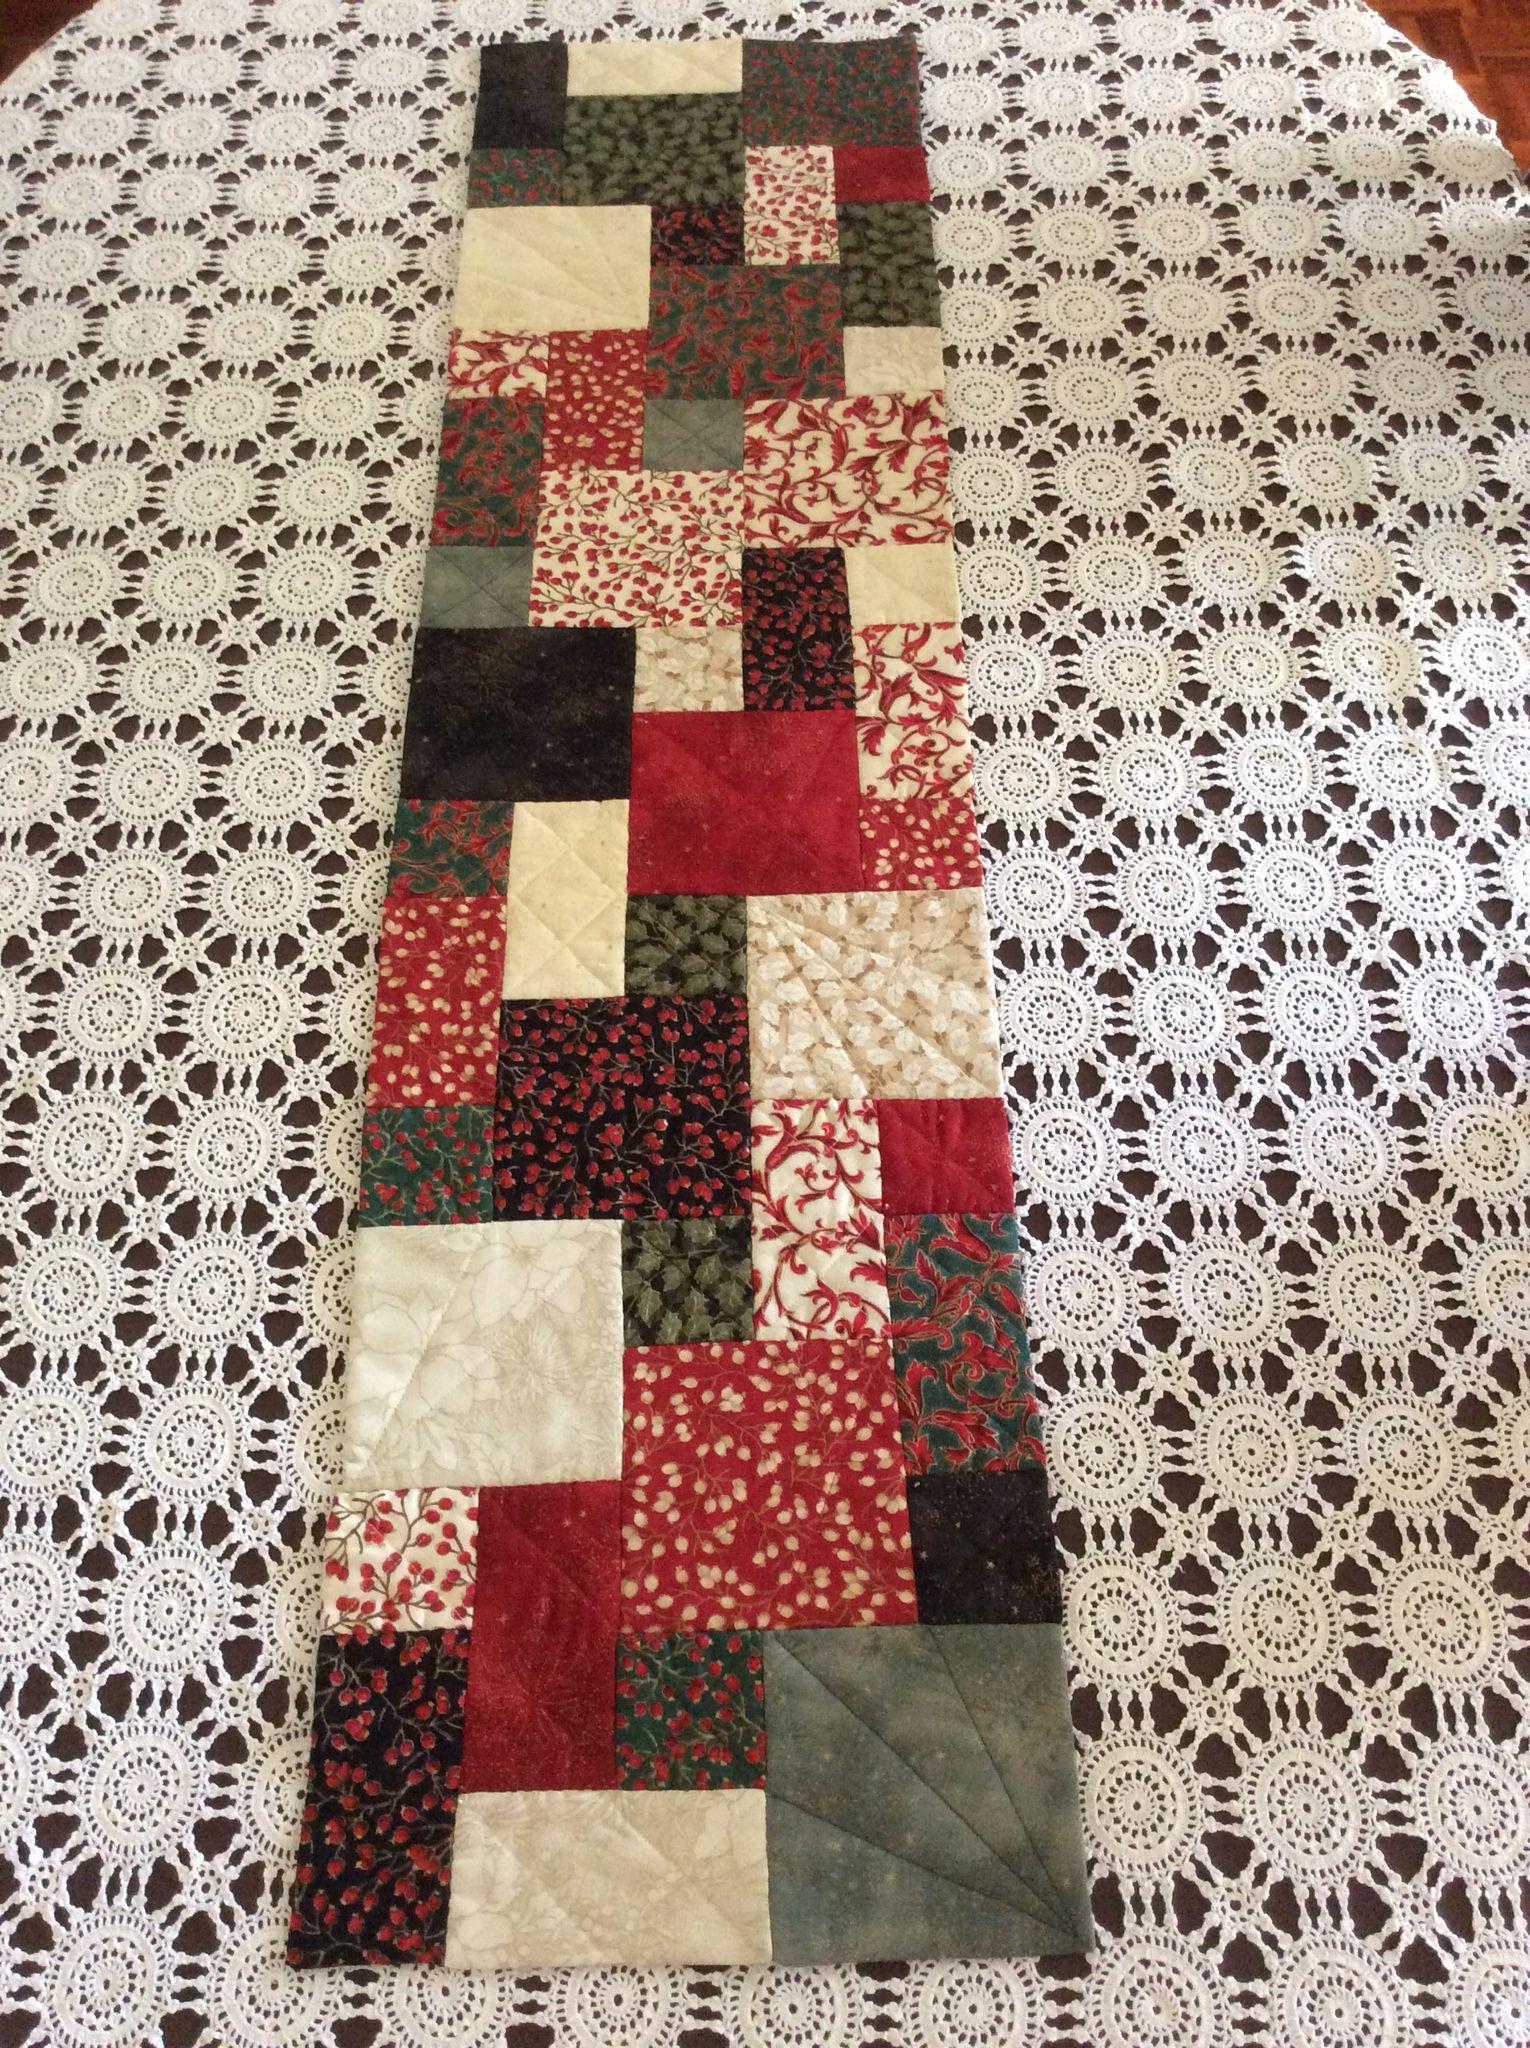 ://s-media-cache-ak0.pinimg.com/originals/05/... : quilted squares - Adamdwight.com